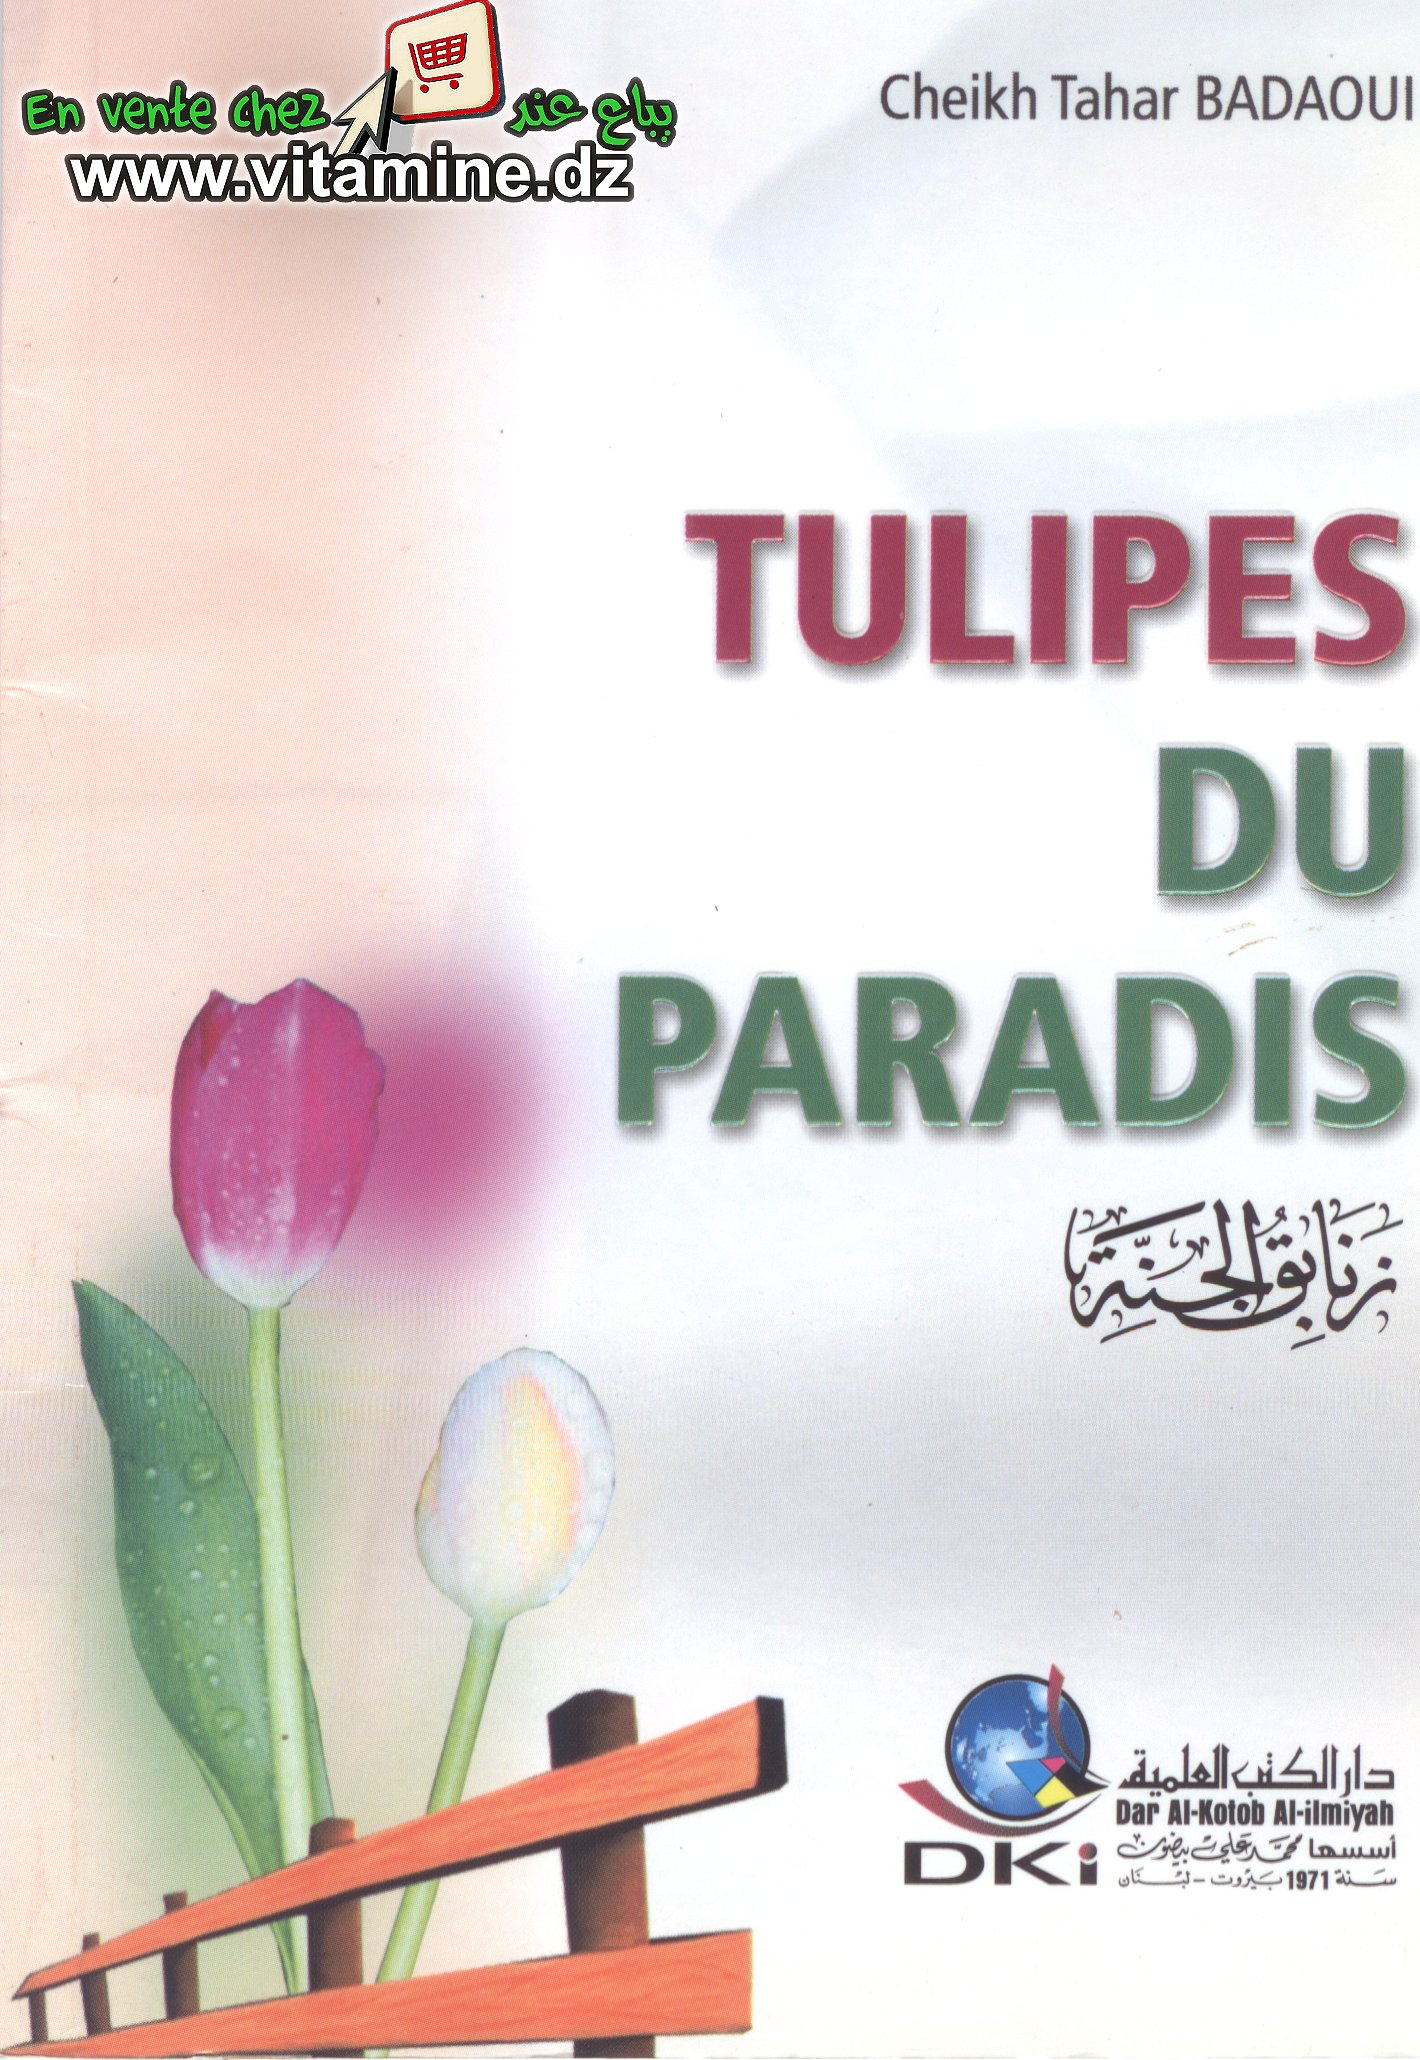 Cheikh Tahar Badaoui - Tulipes du paradis